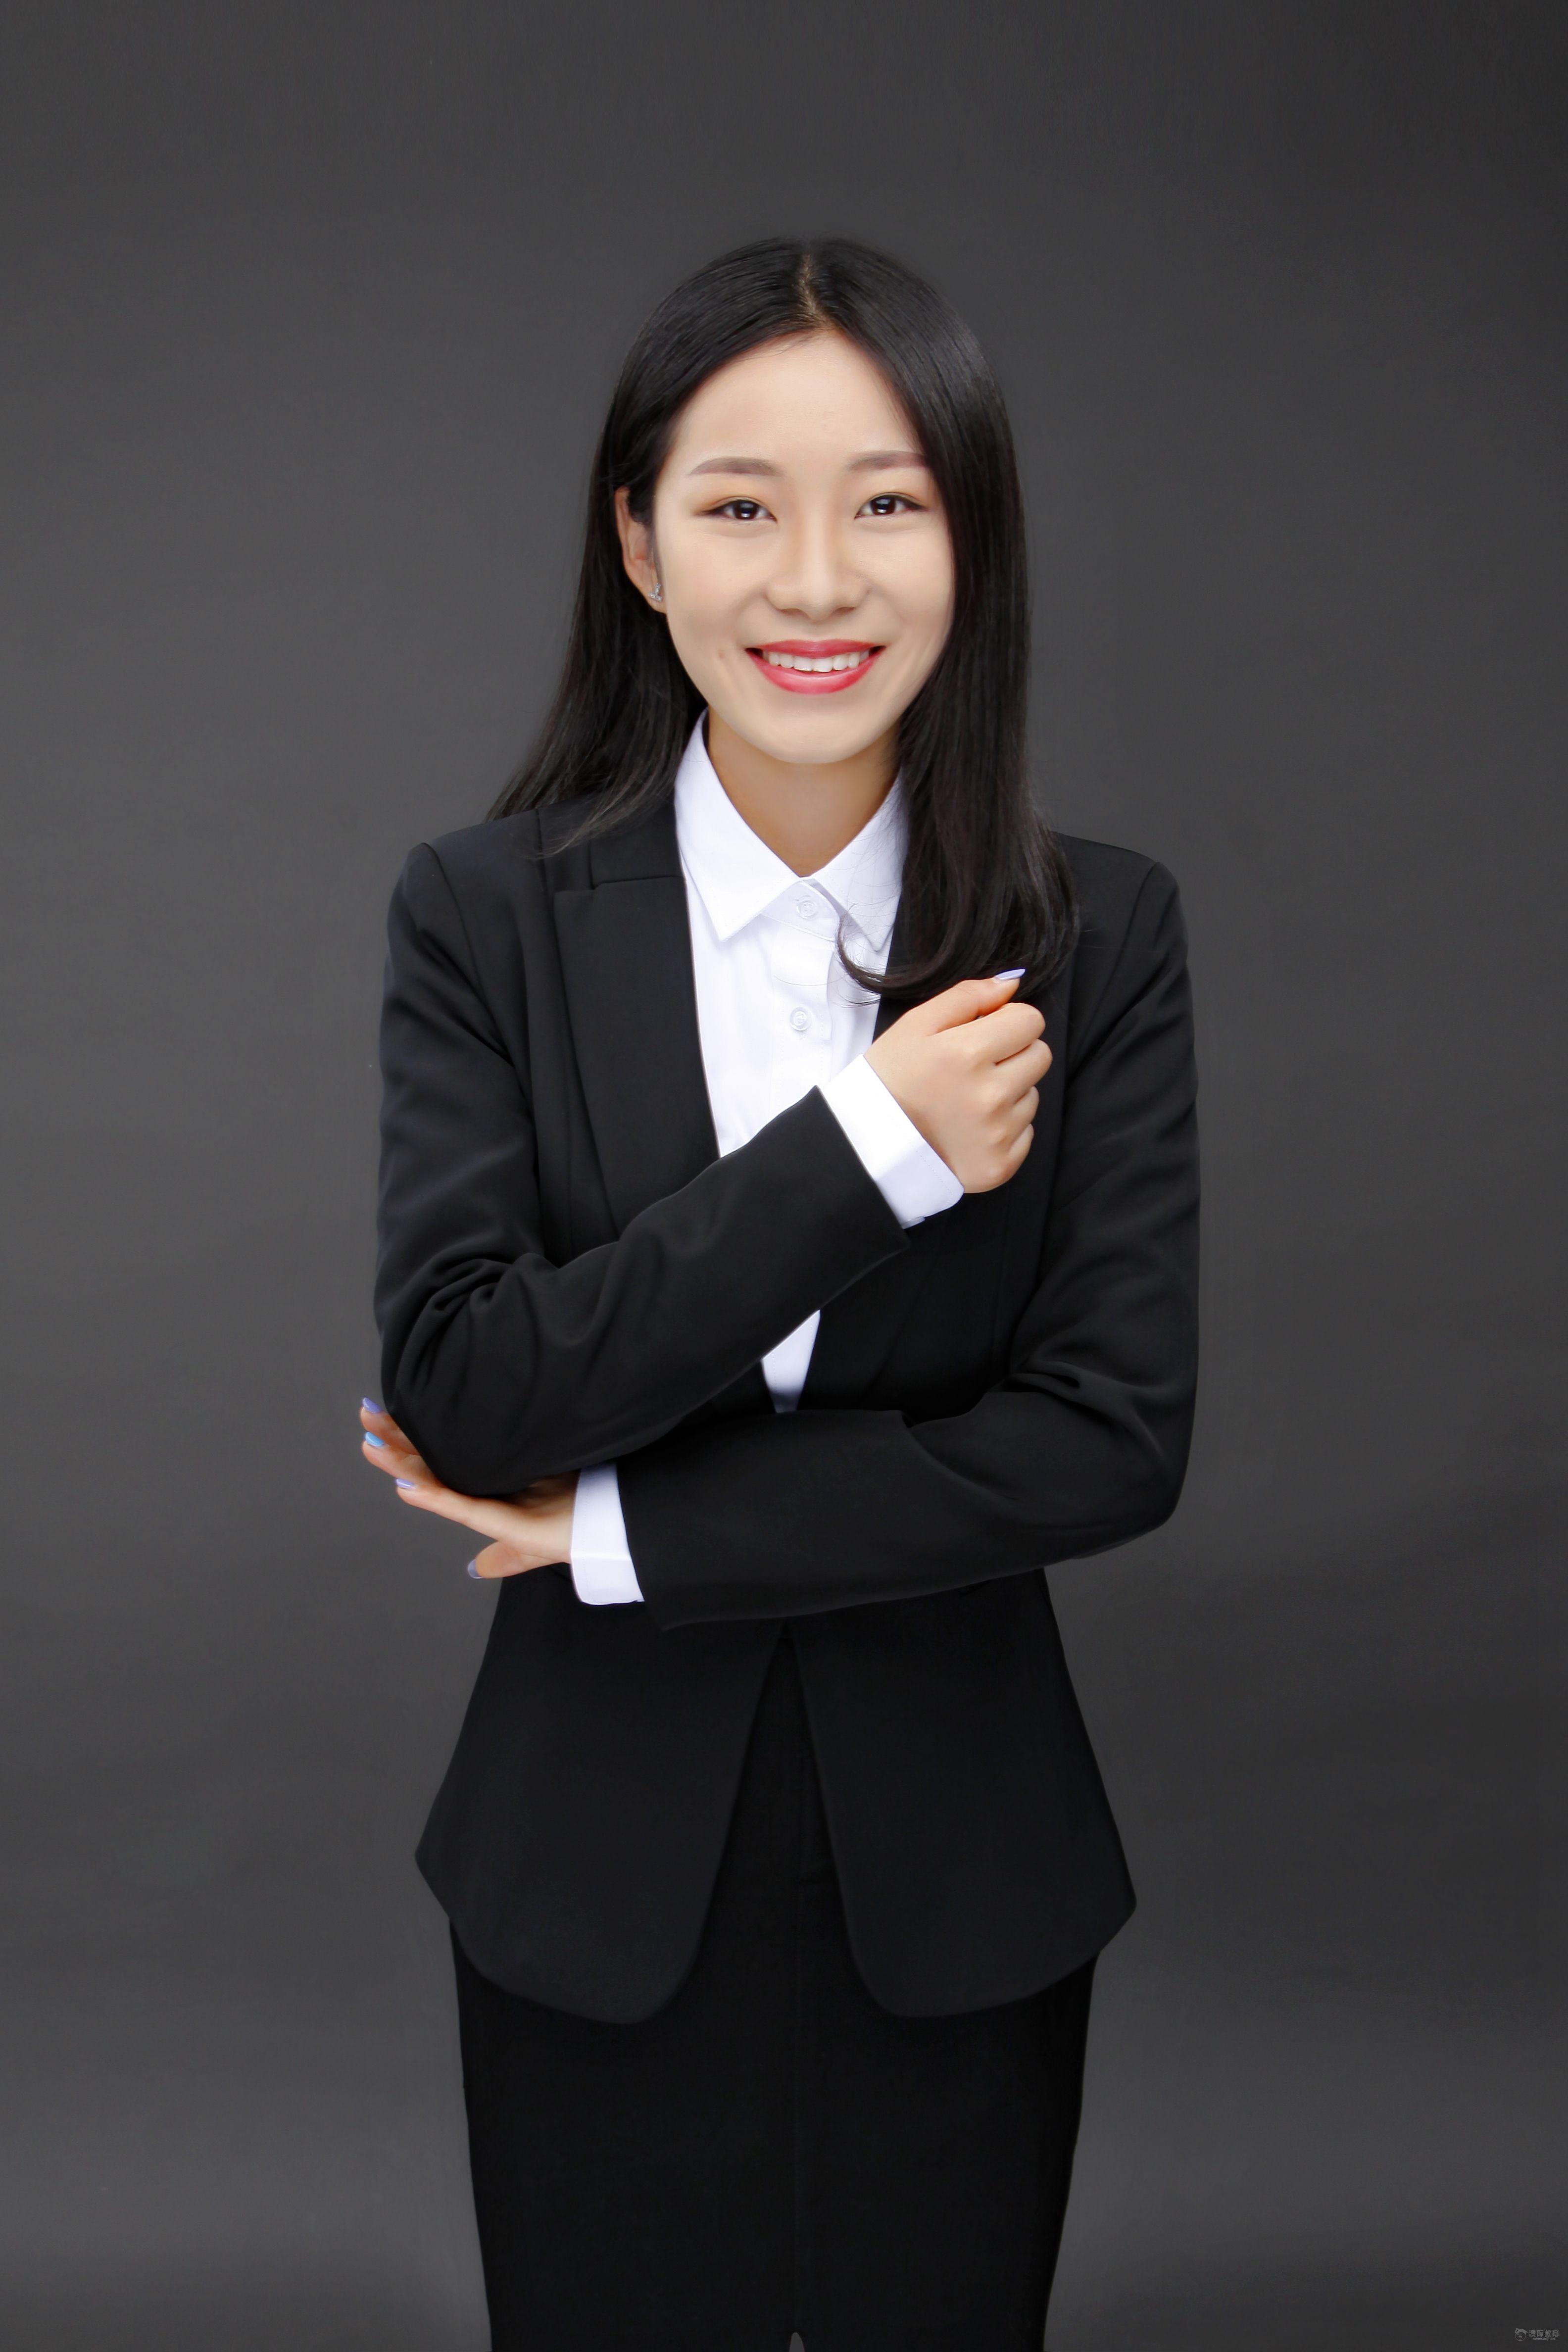 职业装-张楠 澳际留学团队